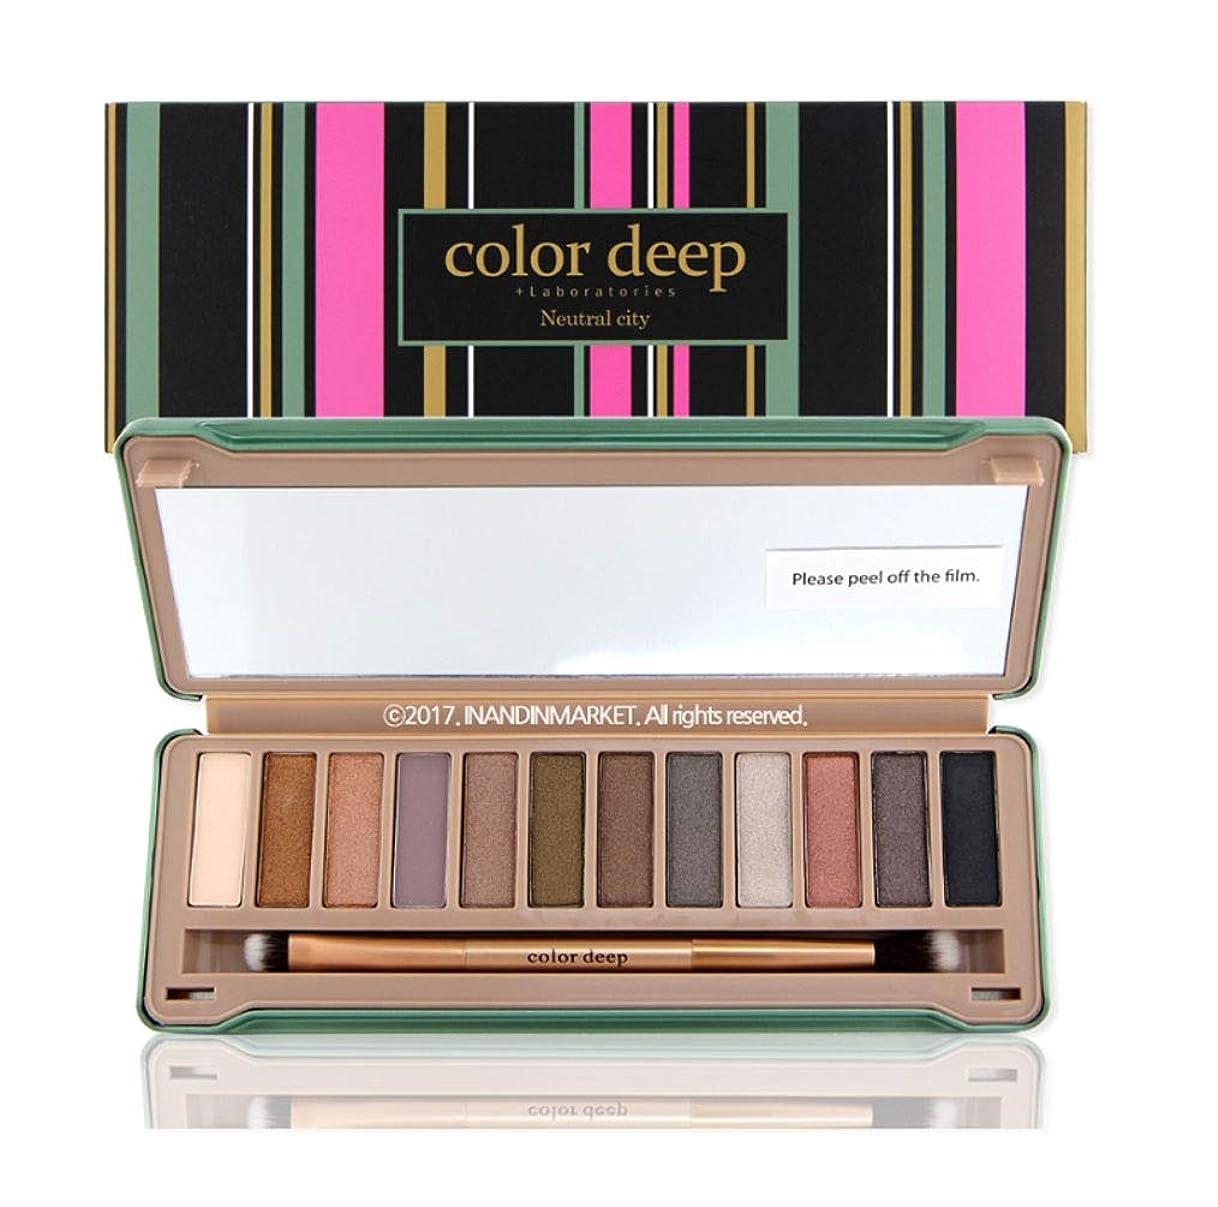 バンドルシャット破壊Color Deep 12Color Eyeshadow Paletteアイシャドウパレット#Neutral City(並行輸入品)